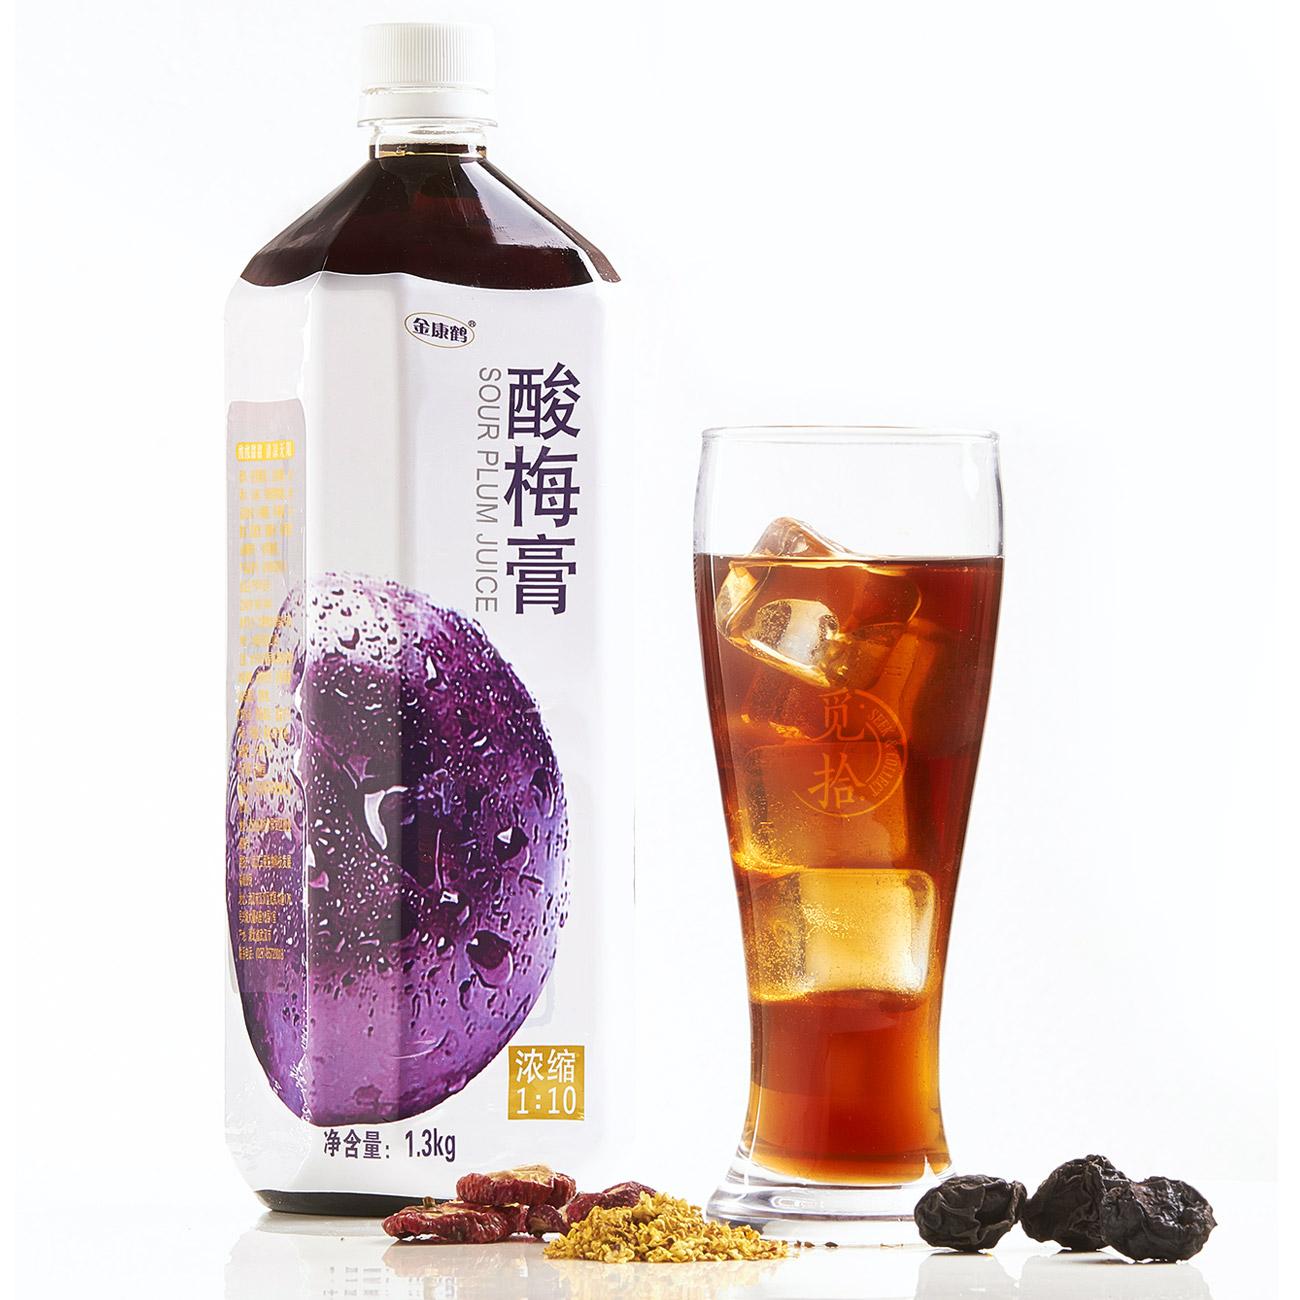 领券减10元金康鹤酸梅膏浓缩酸梅汤1:10乌梅汁饮料原料1300gX12瓶